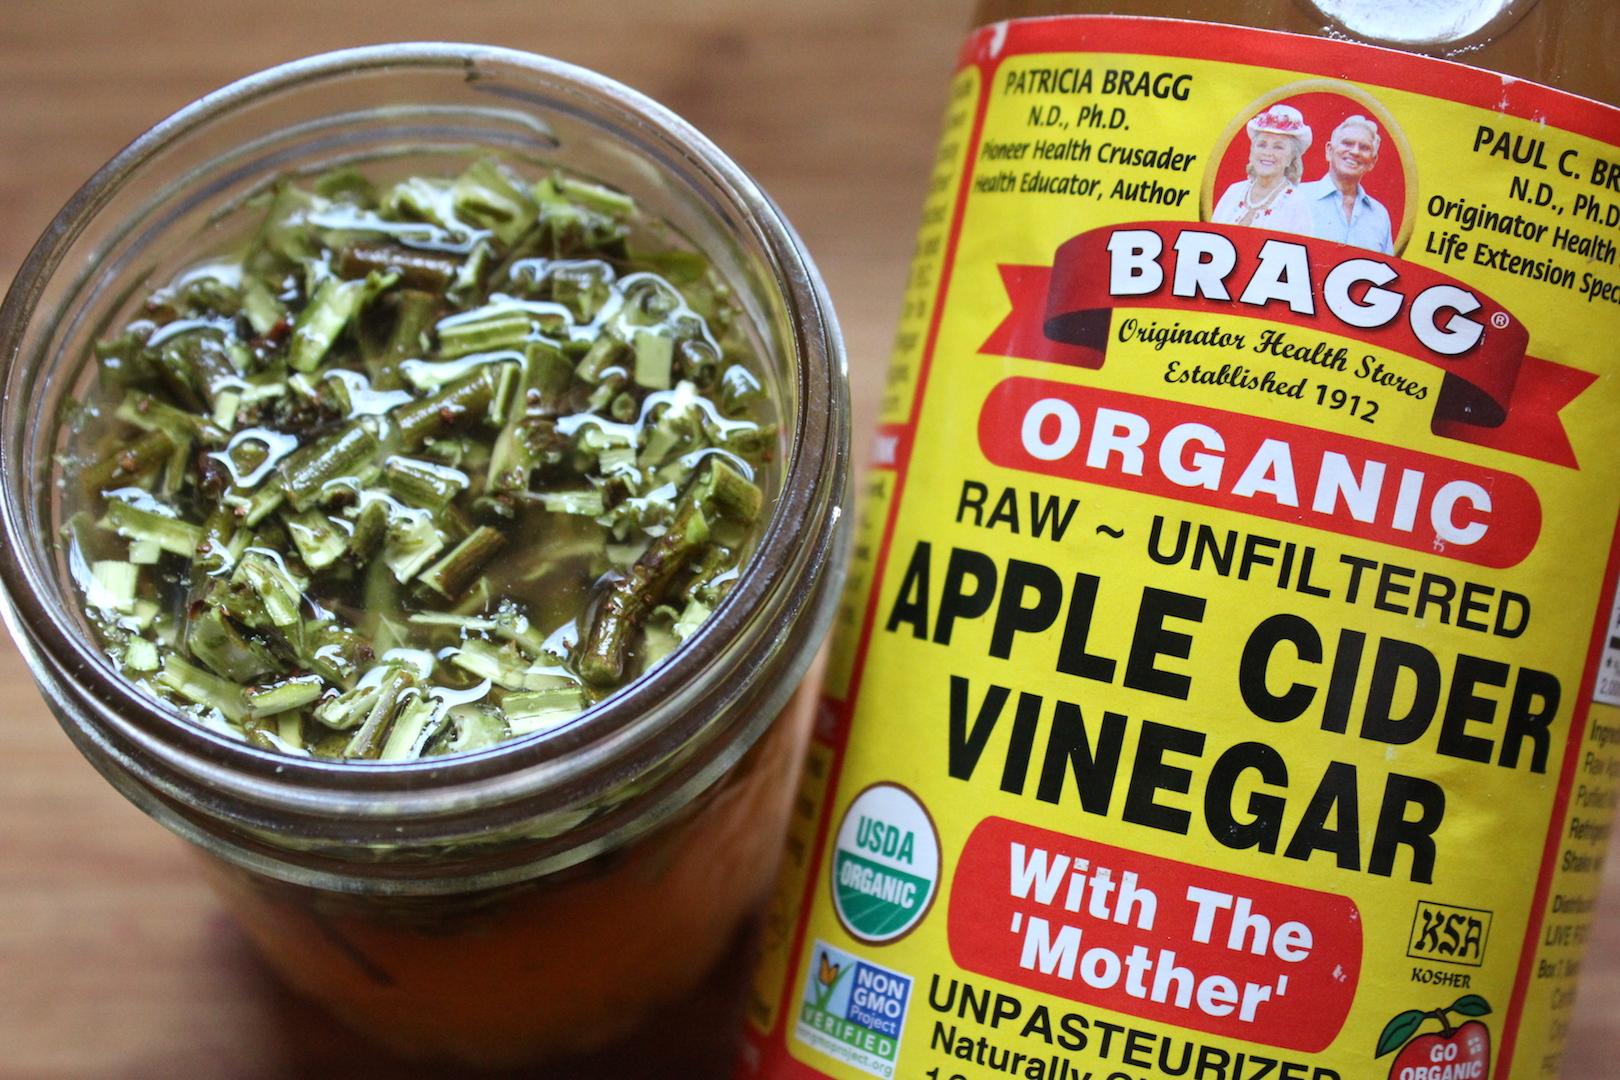 Willow bark extract in vinegar